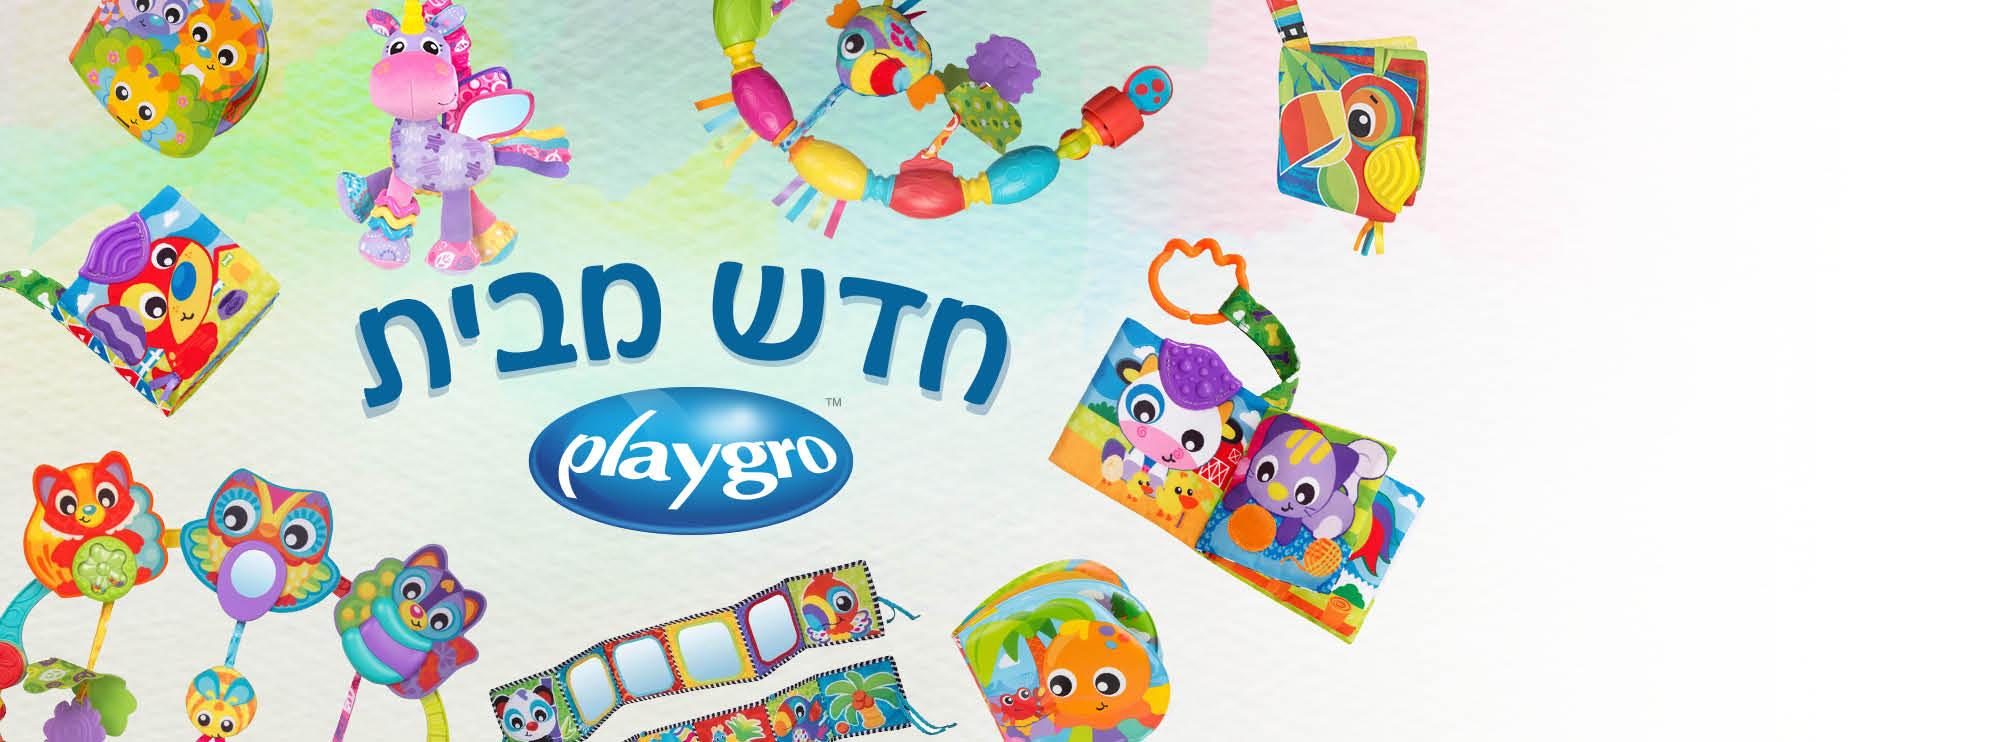 14 2 2 toys2 2, חנות צעצועים, יצירות, צעצועים לתינוקות, משחקים לבנות